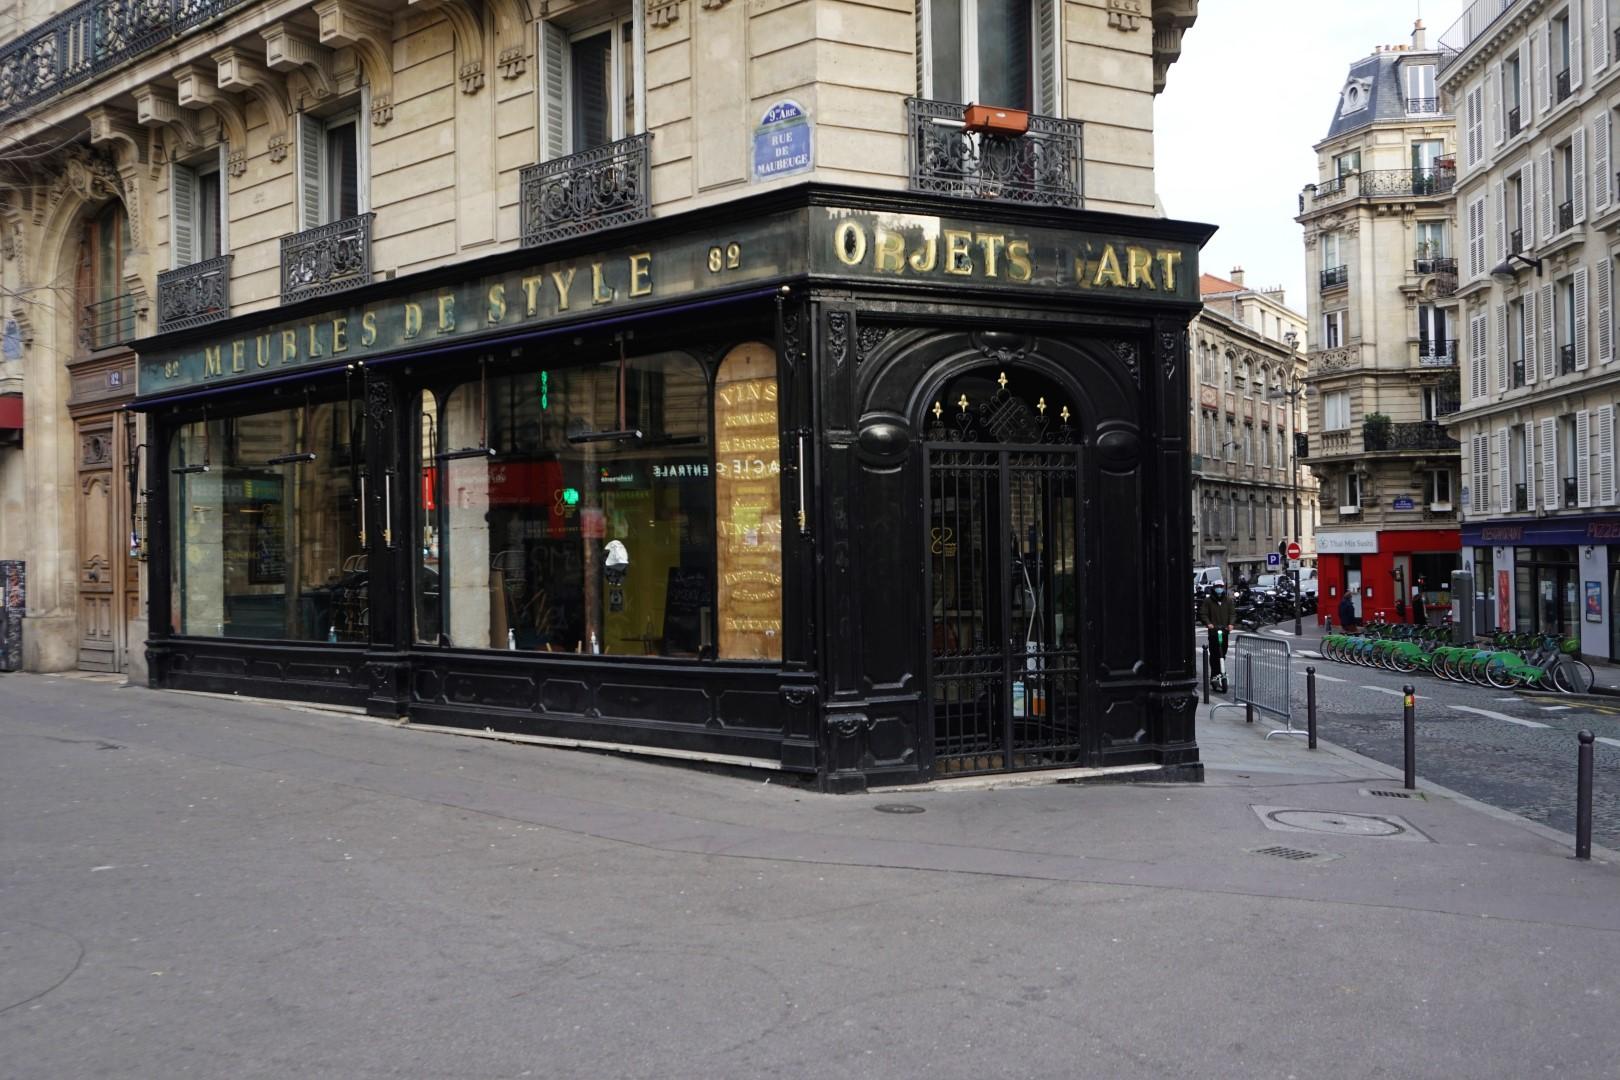 Ancienne devanture rue d'Abbeville- Balade dans les 9e et 10e arrondissements de Paris - De place de la République à Pigalle